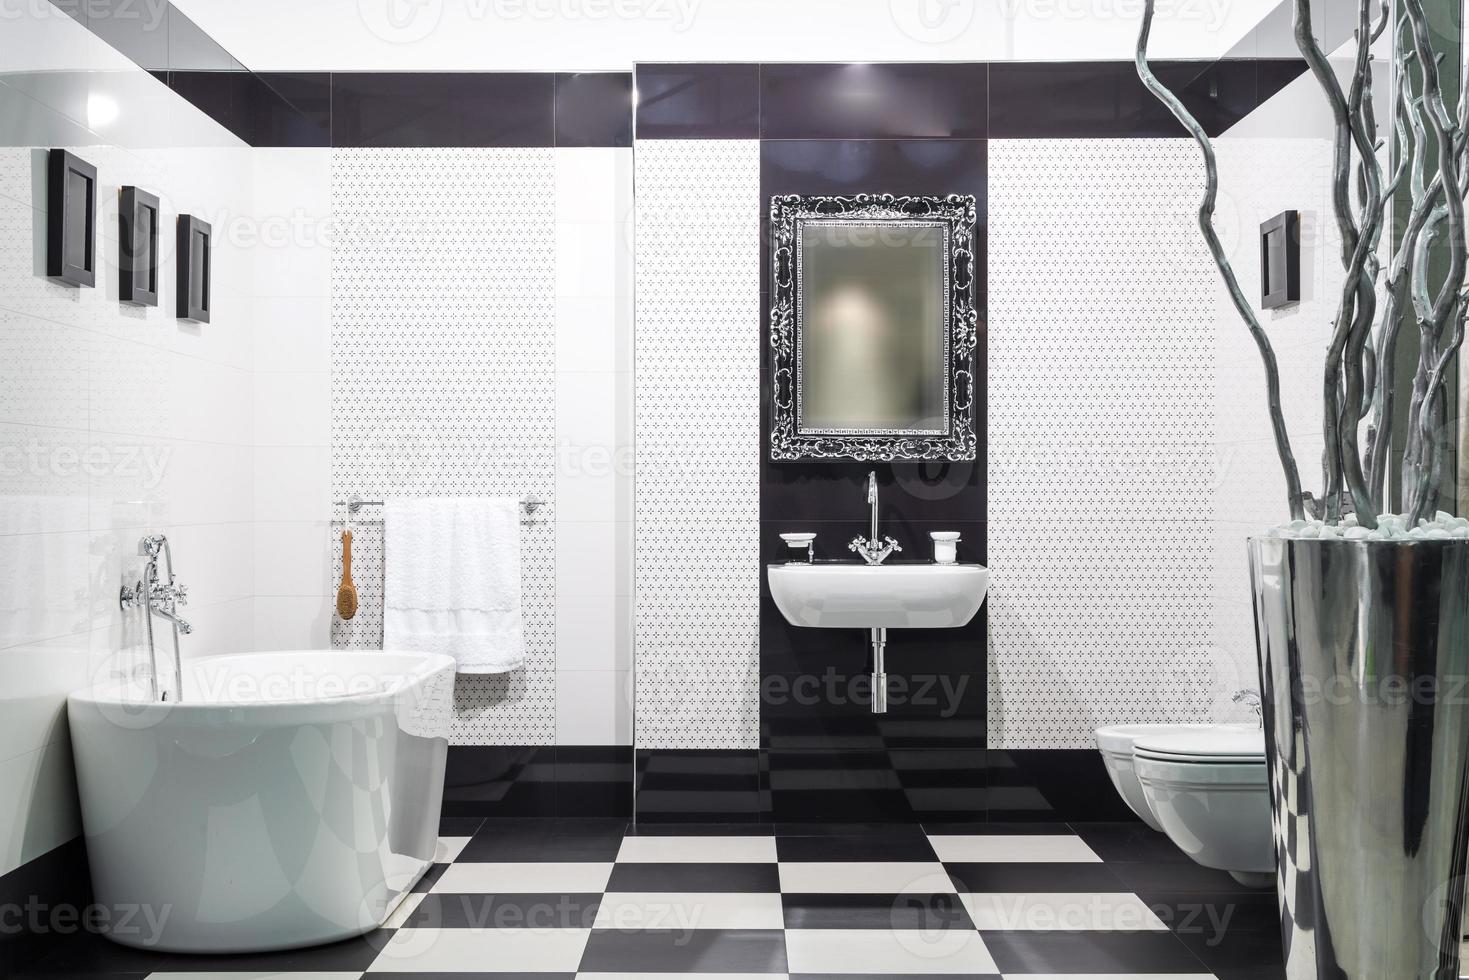 witte en zwarte badkamer foto